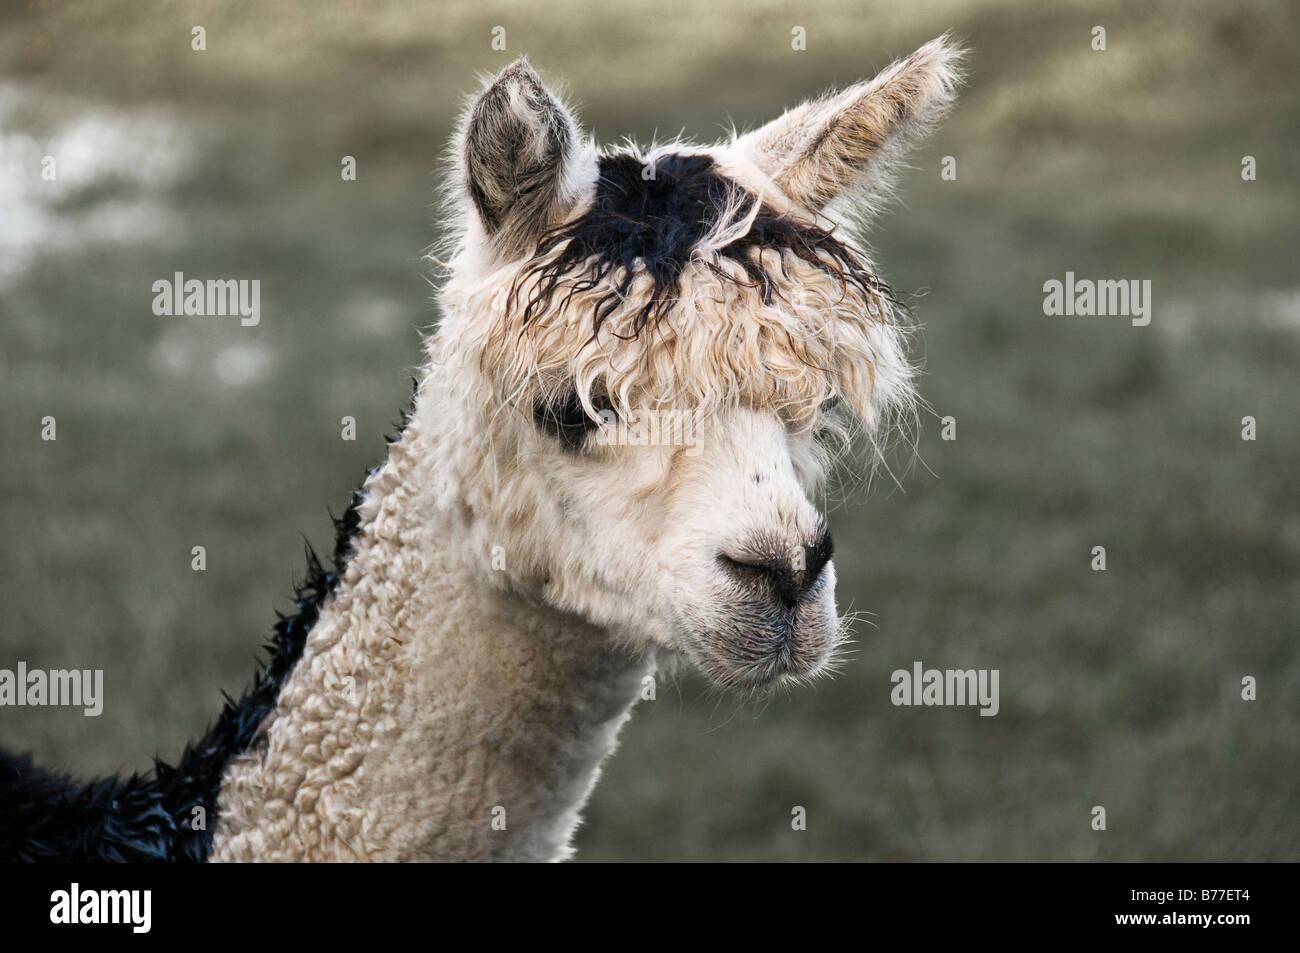 Alpaca (Lama pacos), Westkuestenpark, St. Peter-Ording, Schleswig-Holstein, Germany, Europe - Stock Image